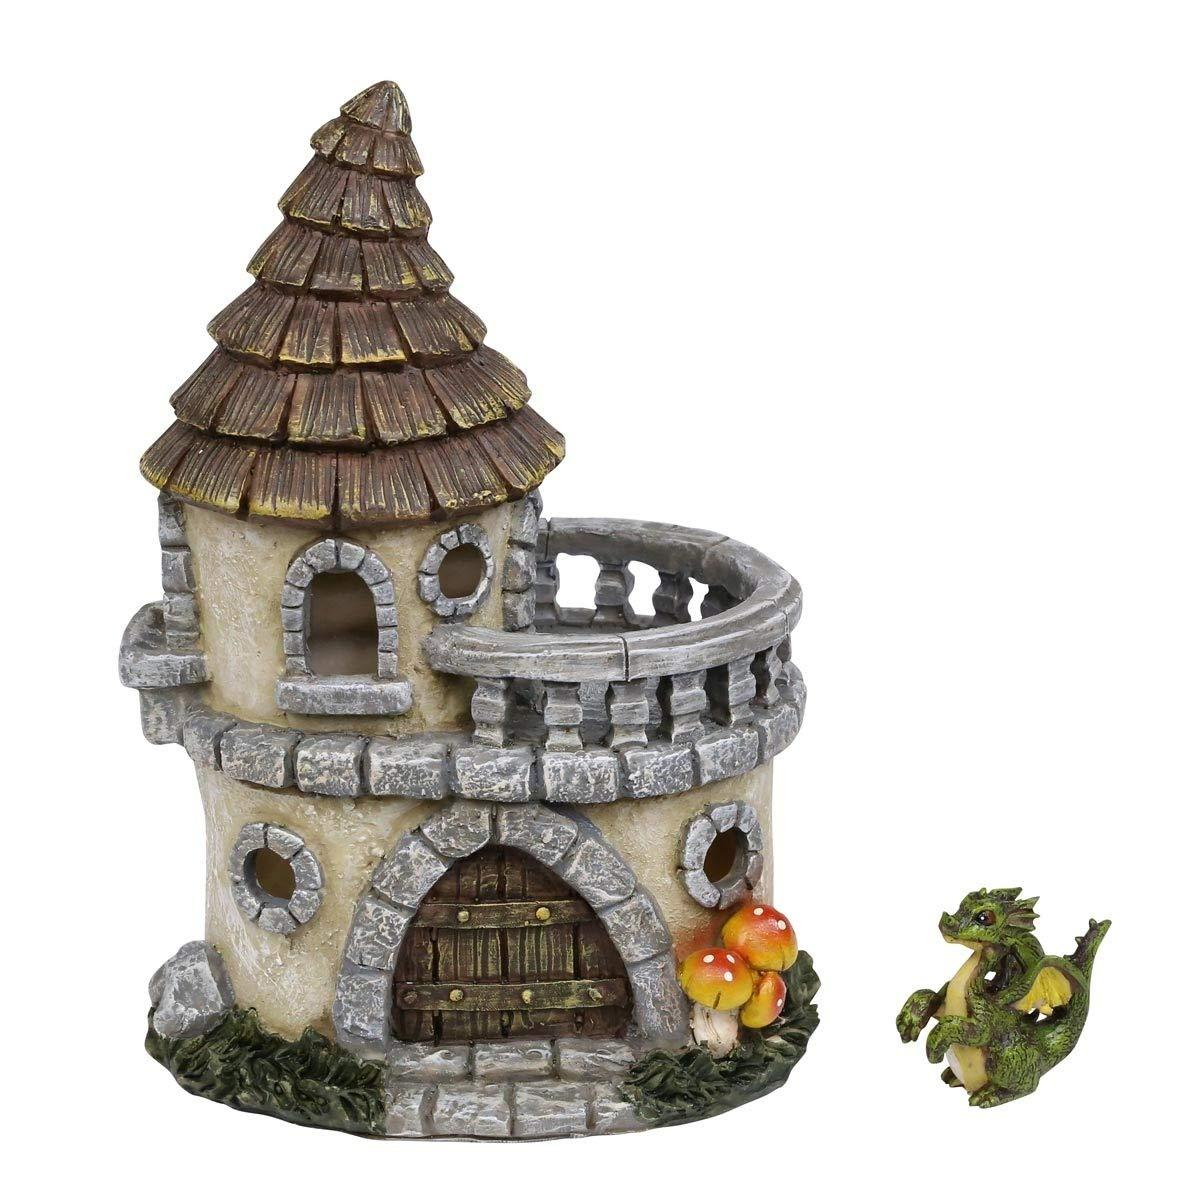 Alpine Corporation WQA671A Castle of Dreams Fairy House w//Dapper Dragon Figurine 9 Inch Tall Multi-Color